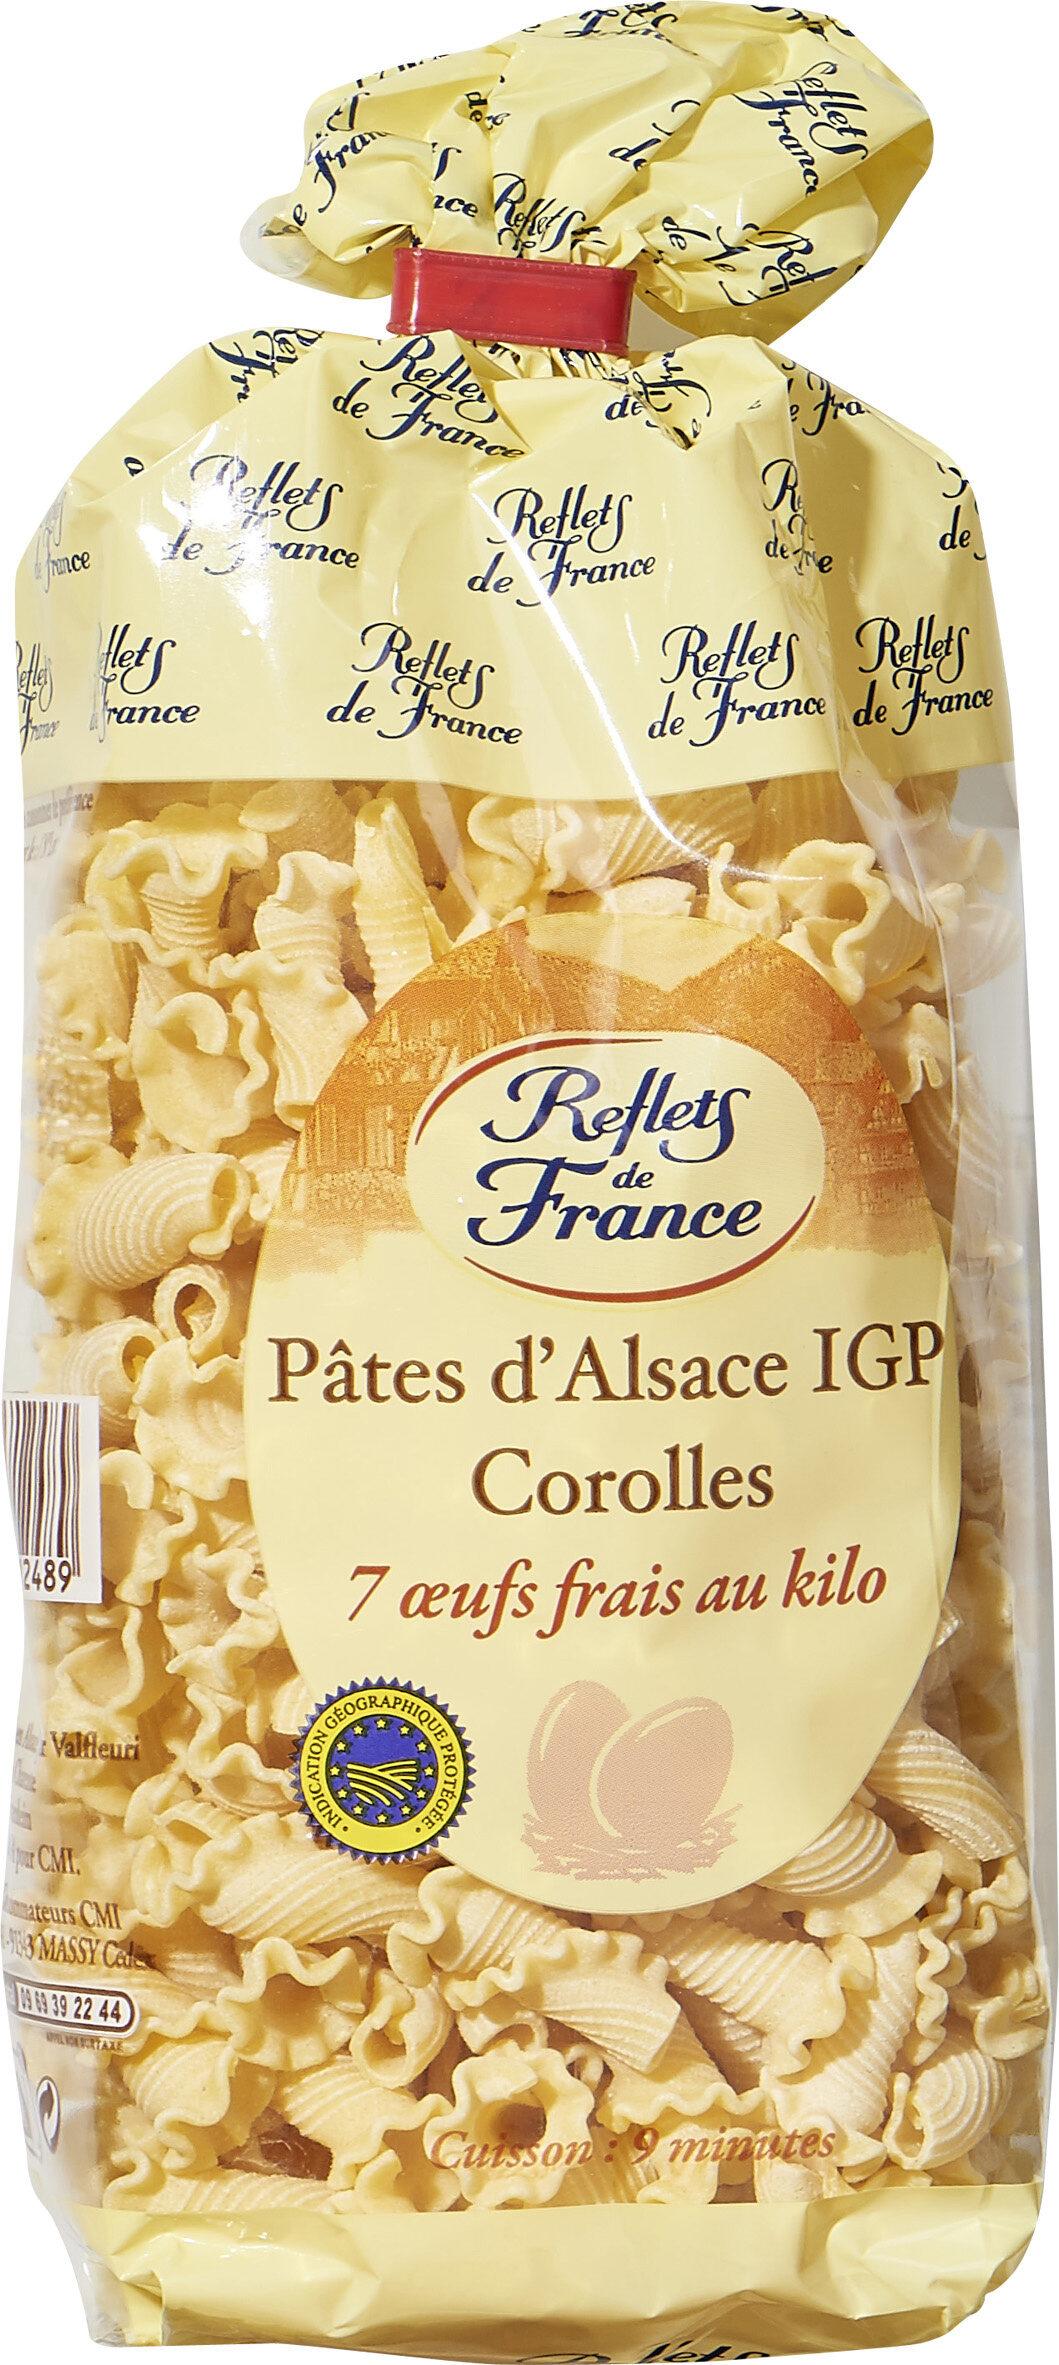 Pâtes d'Alsace IGP Corolles - Product - fr